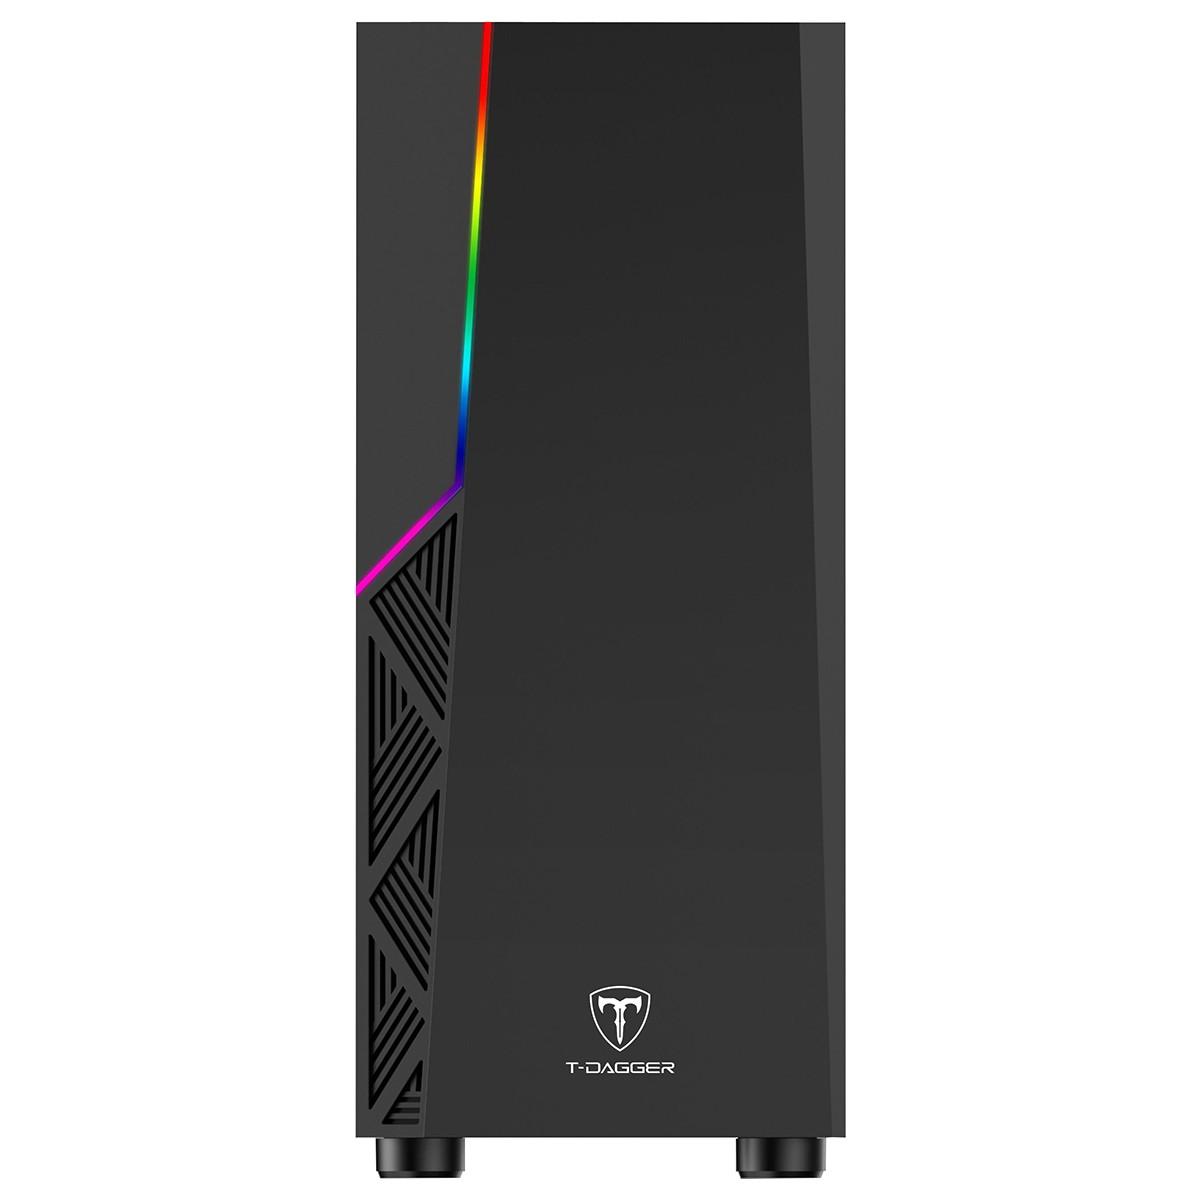 Gabinete Gamer T-Dagger P02B RGB Preto Black Mid Tower TGC-P02B